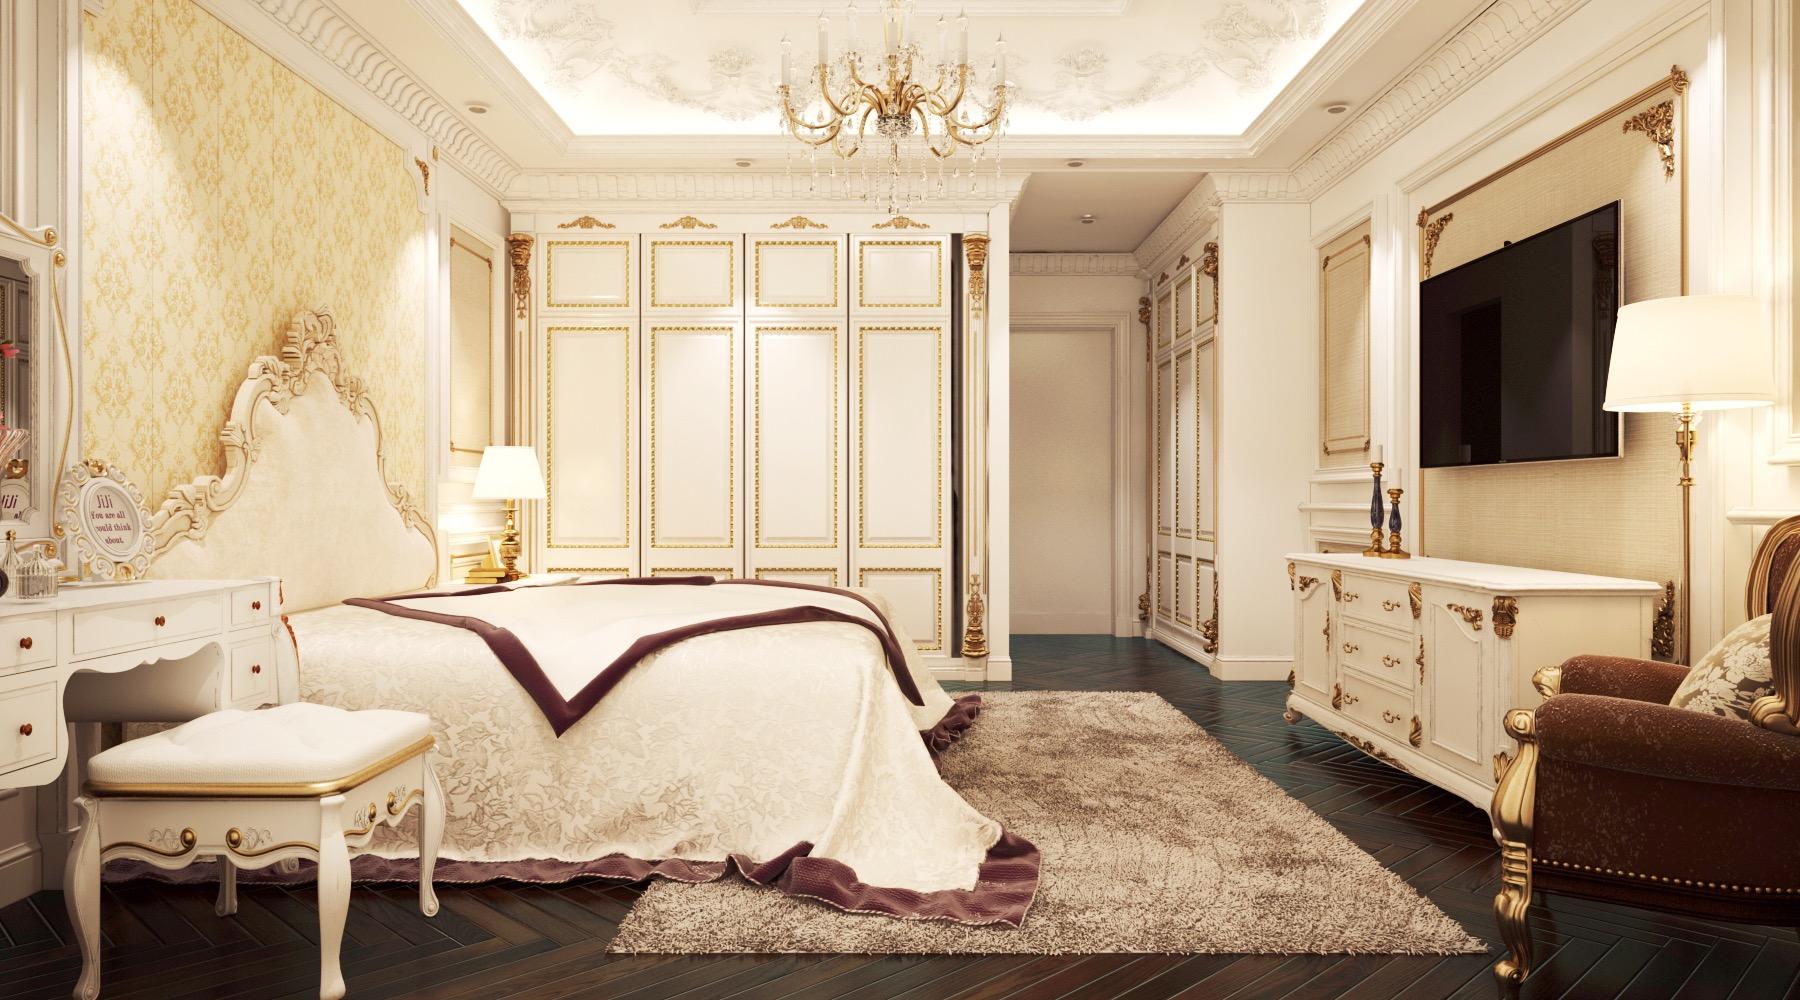 thiết kế nội thất Nhà Mặt Phố tại Bắc Giang Phòng khách cuối năm 4 1549032264